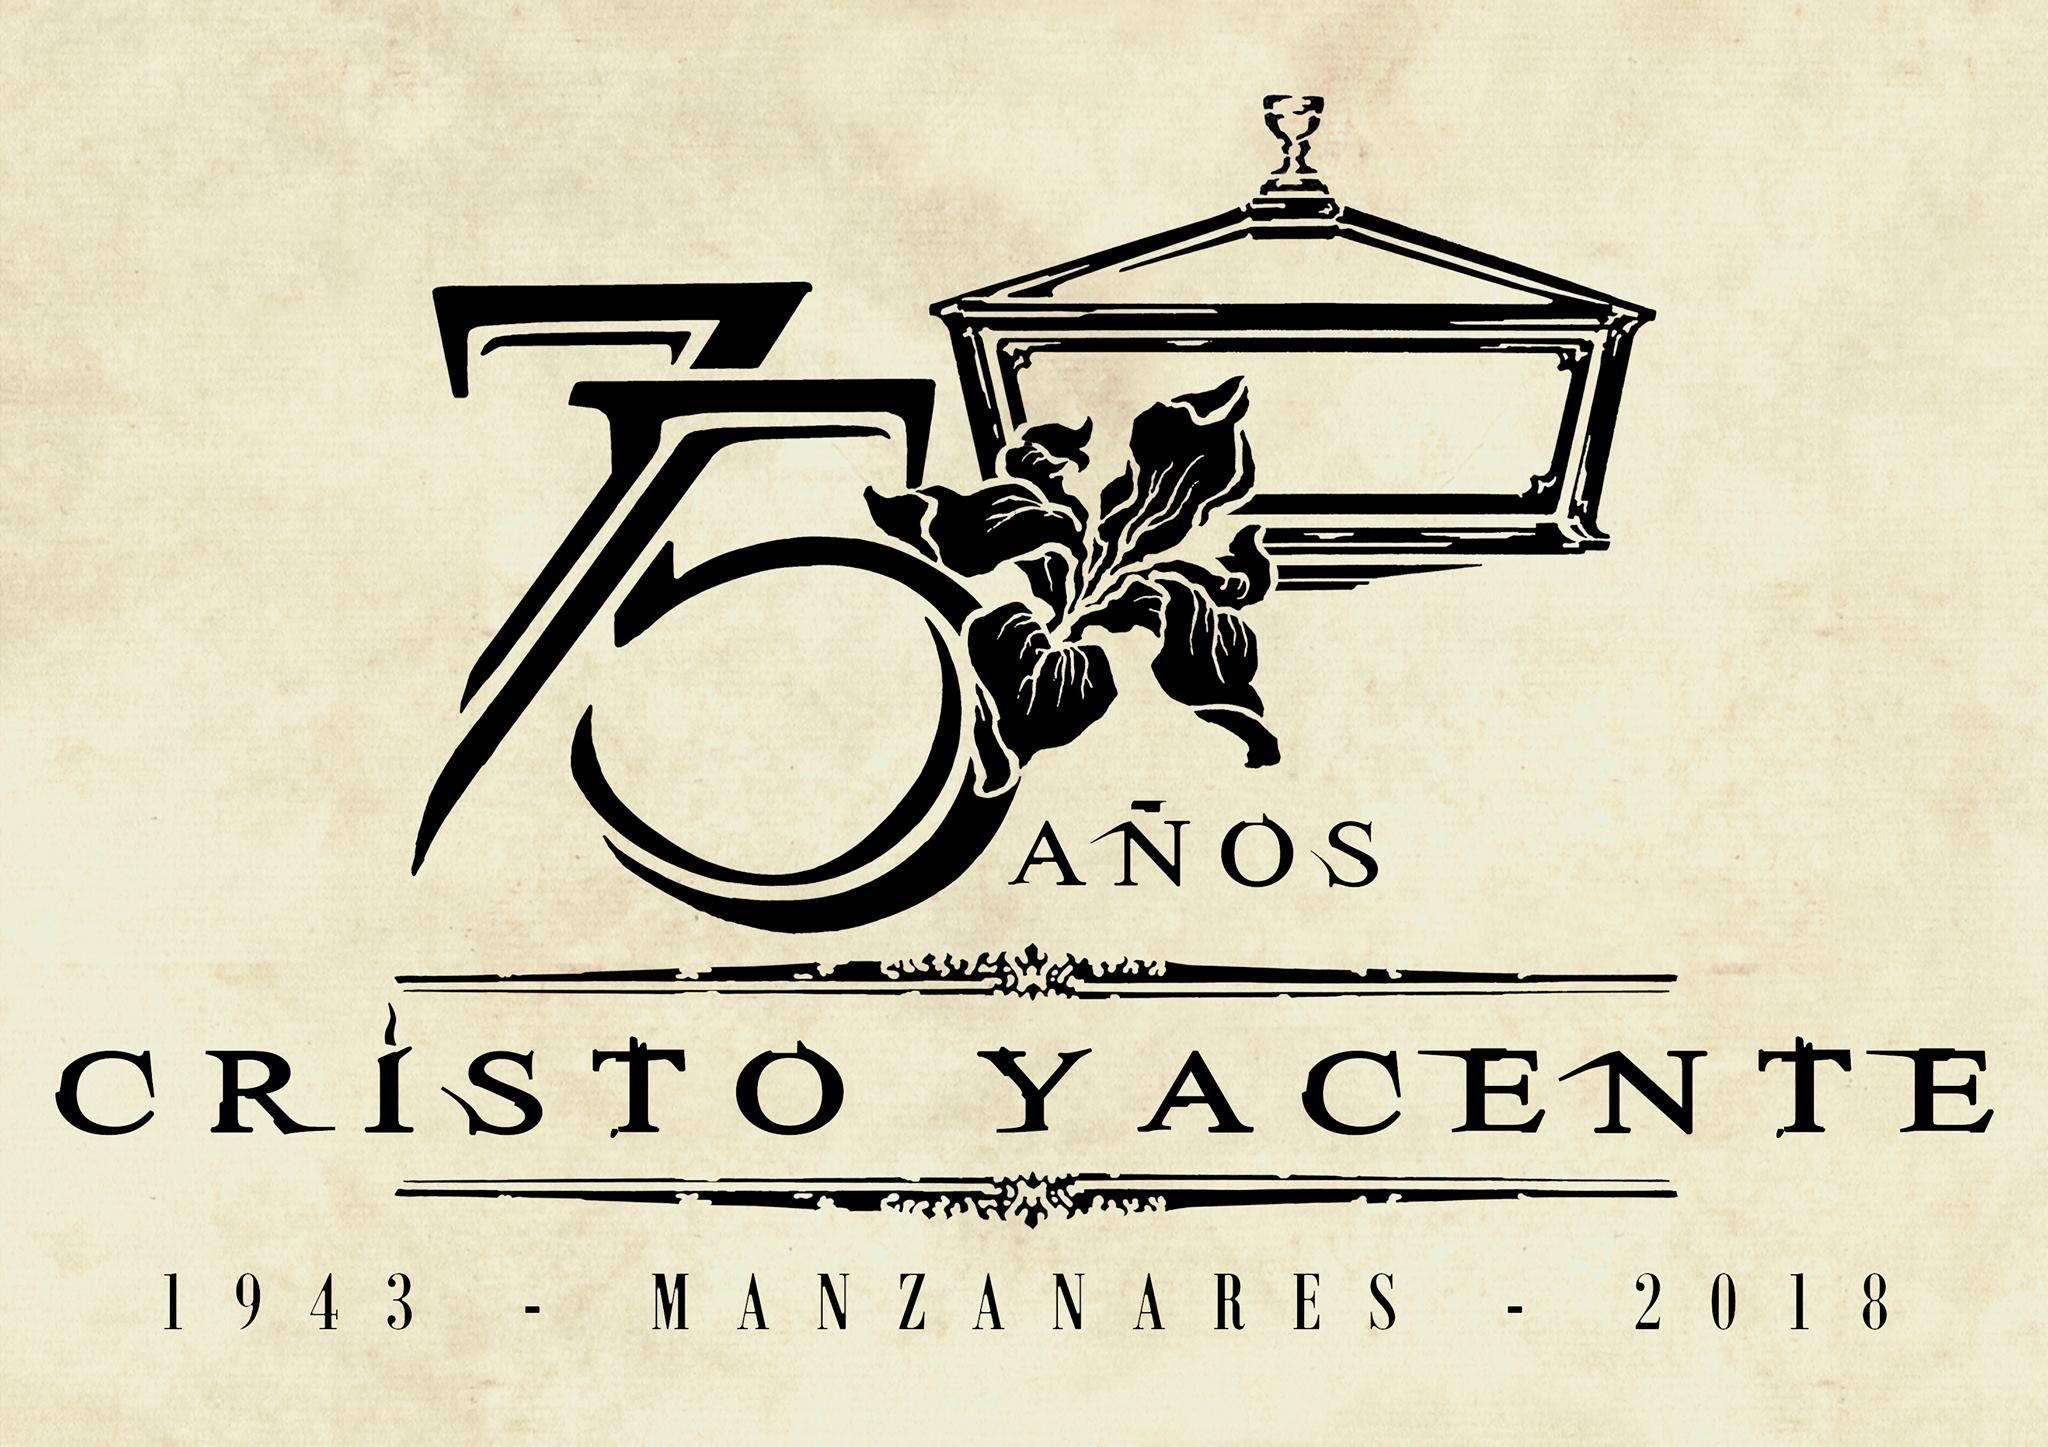 75 Aniversario del Cristo Yacente de Manzanares05 - Rafael Garrigós realiza el logo conmemorativo del 75 aniversario del Cristo Yacente de Manzanares